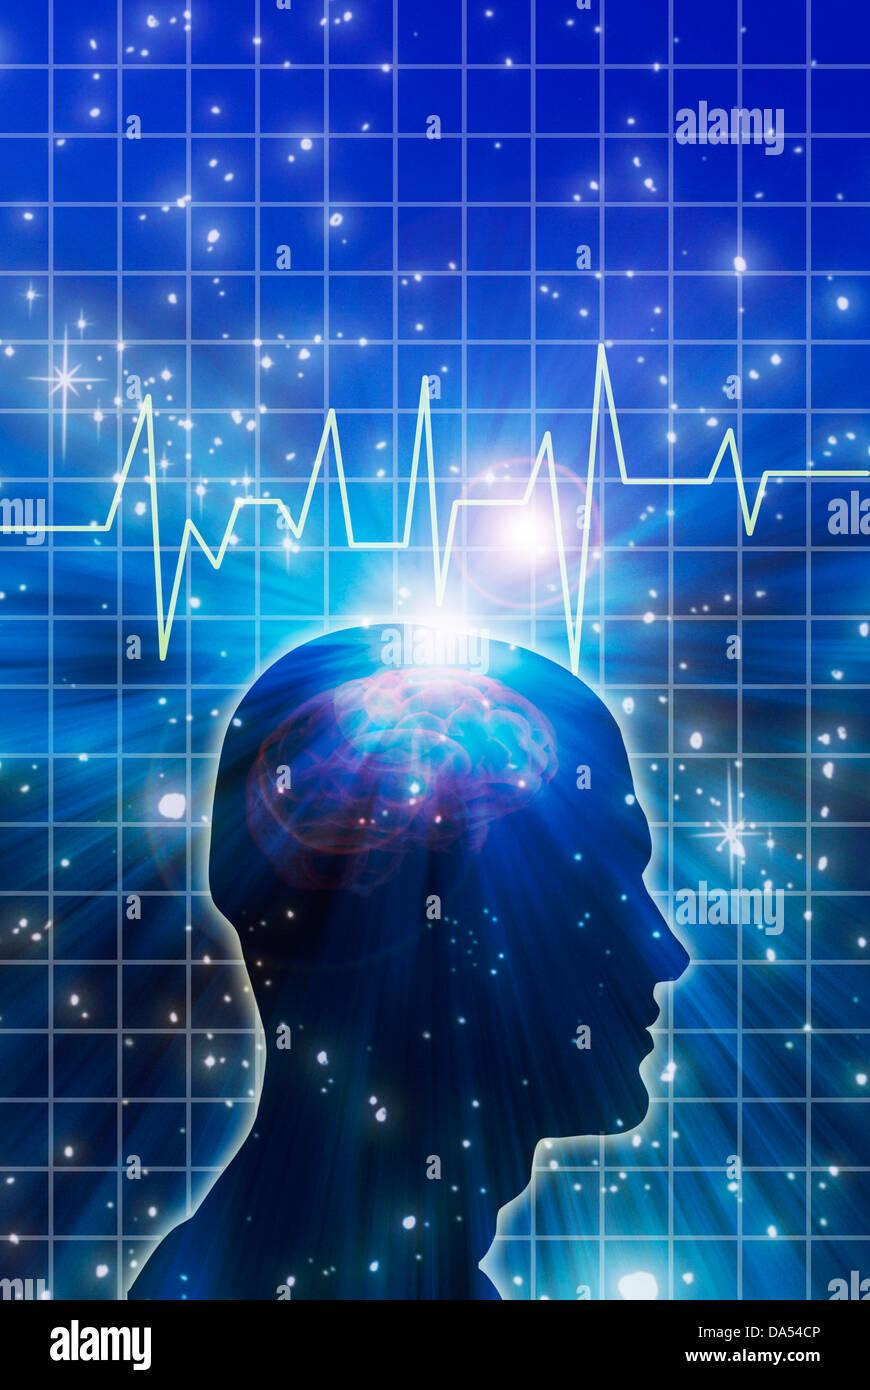 Cabeza humana silueta con ondas cerebrales o EEG Imagen De Stock